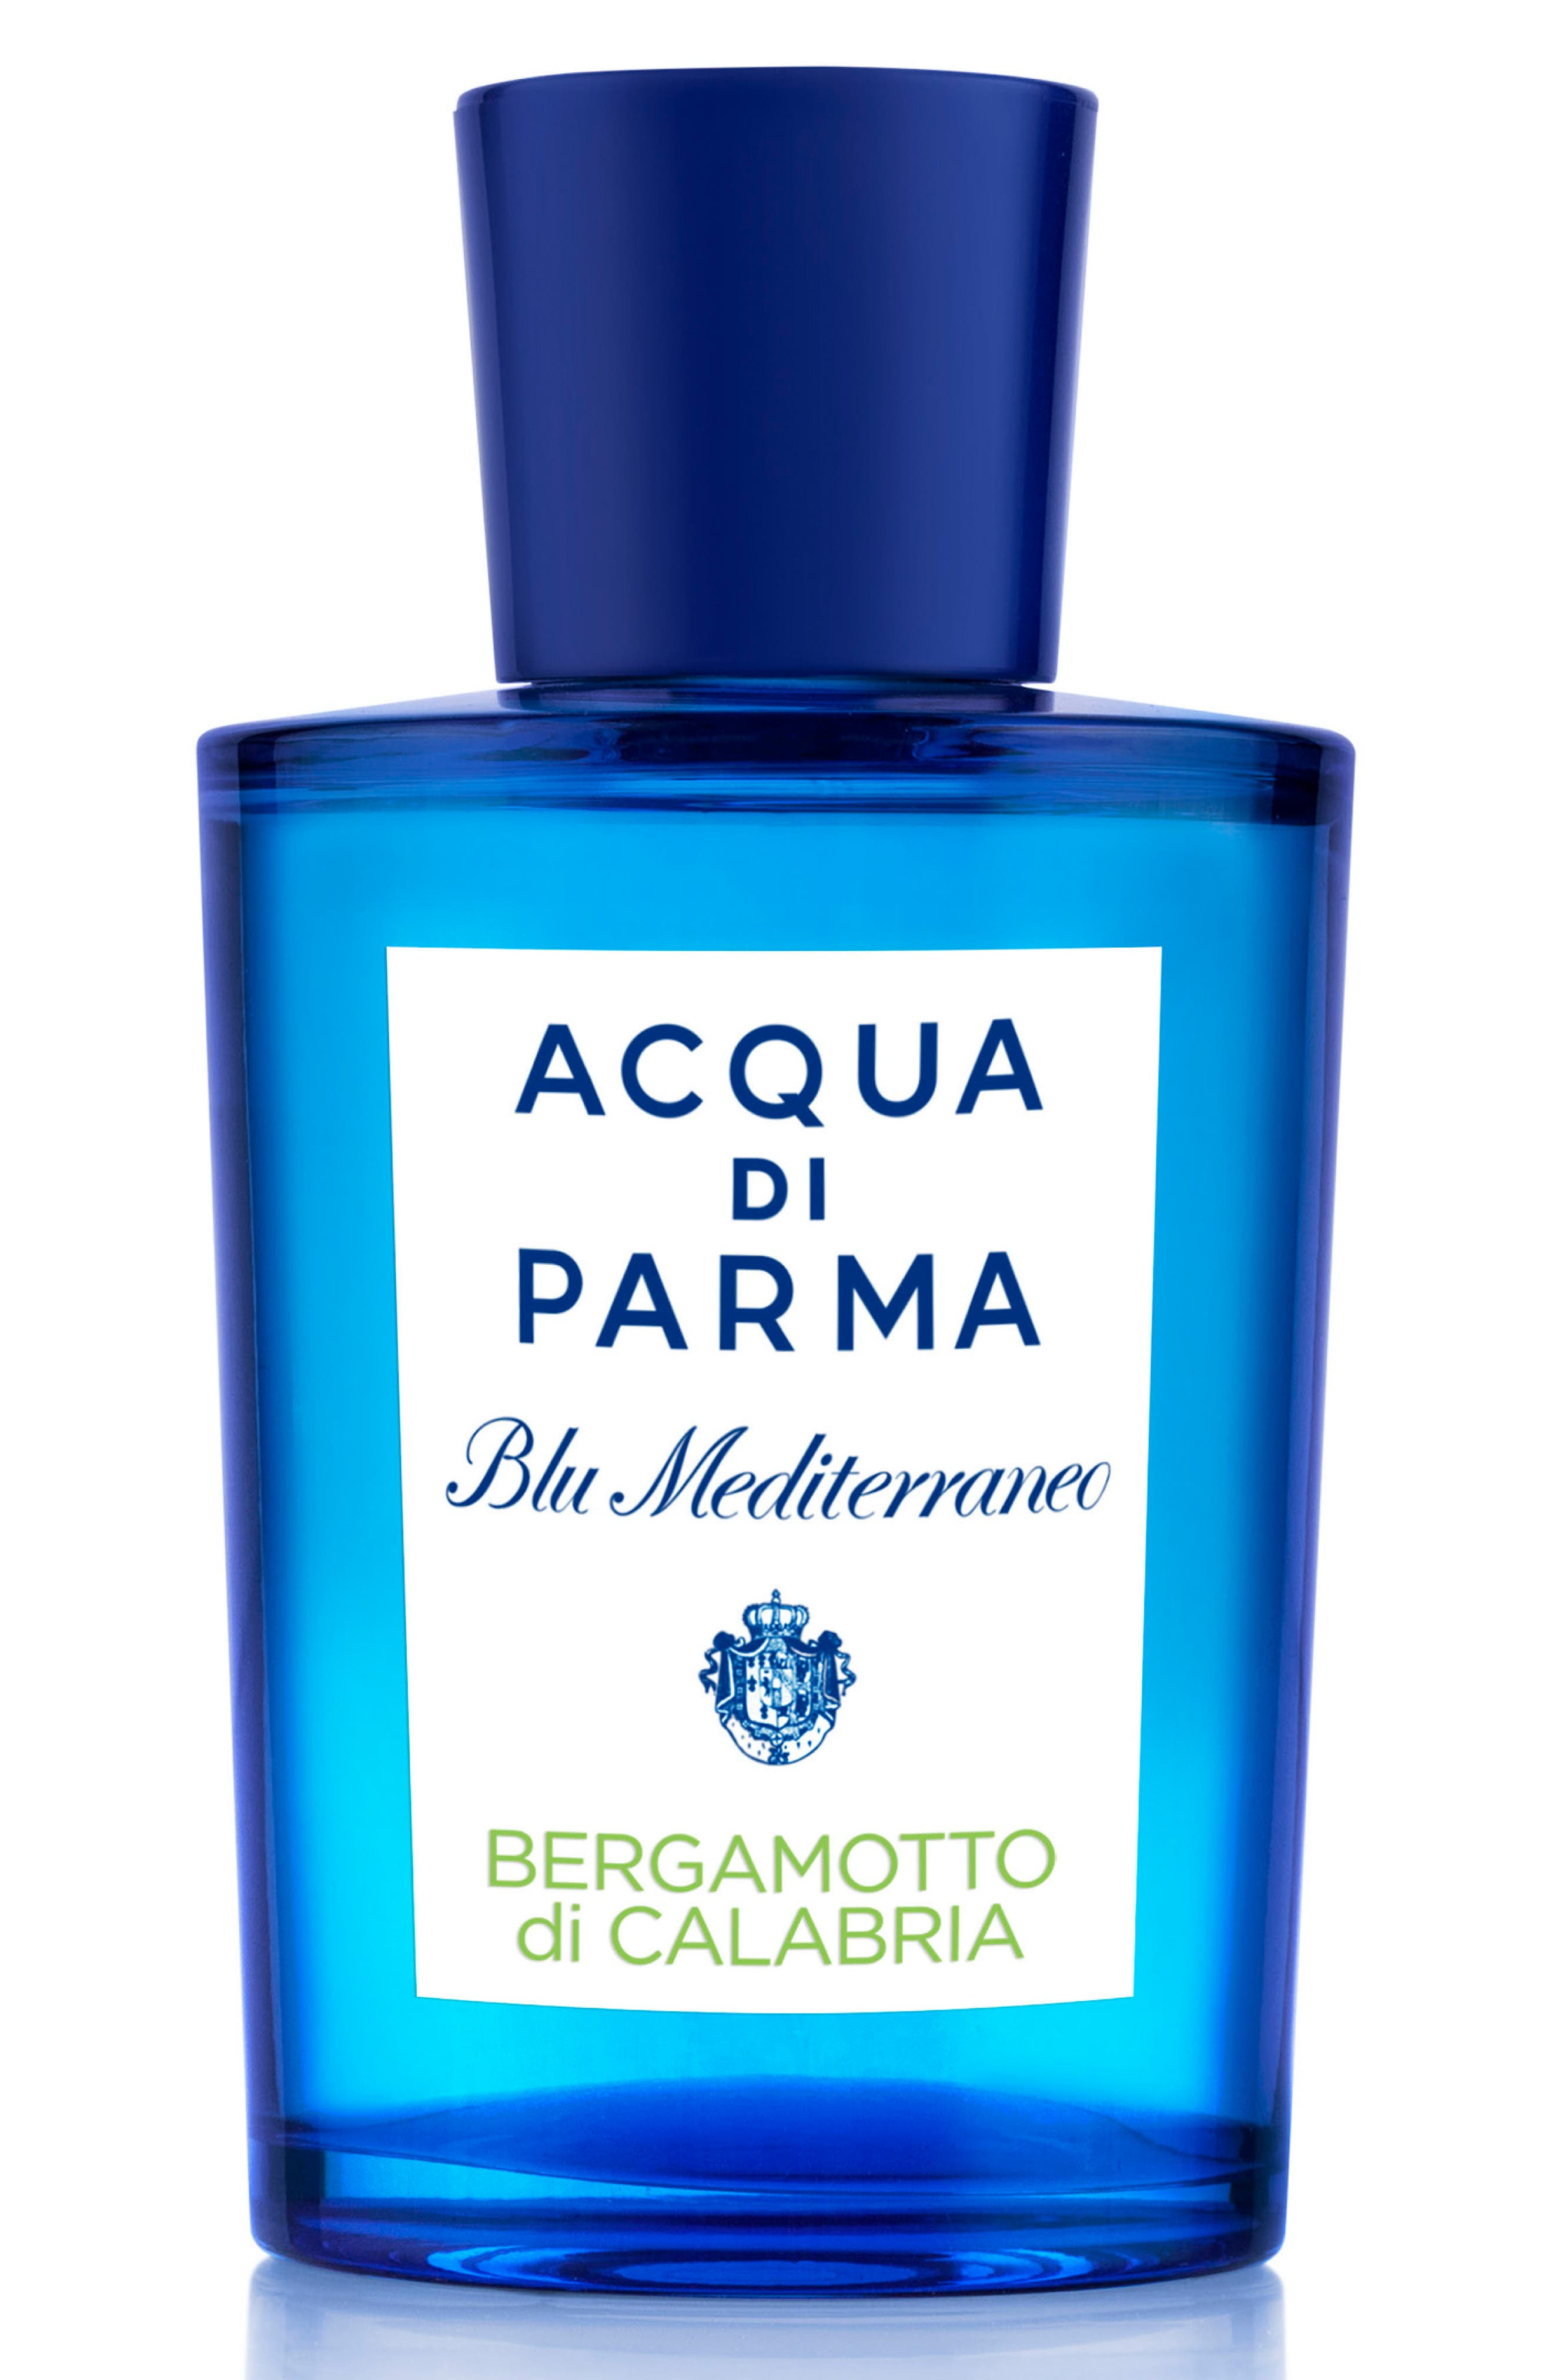 'Blu Mediterraneo' Bergamotto Di Calabria Eau De Toilette Spray